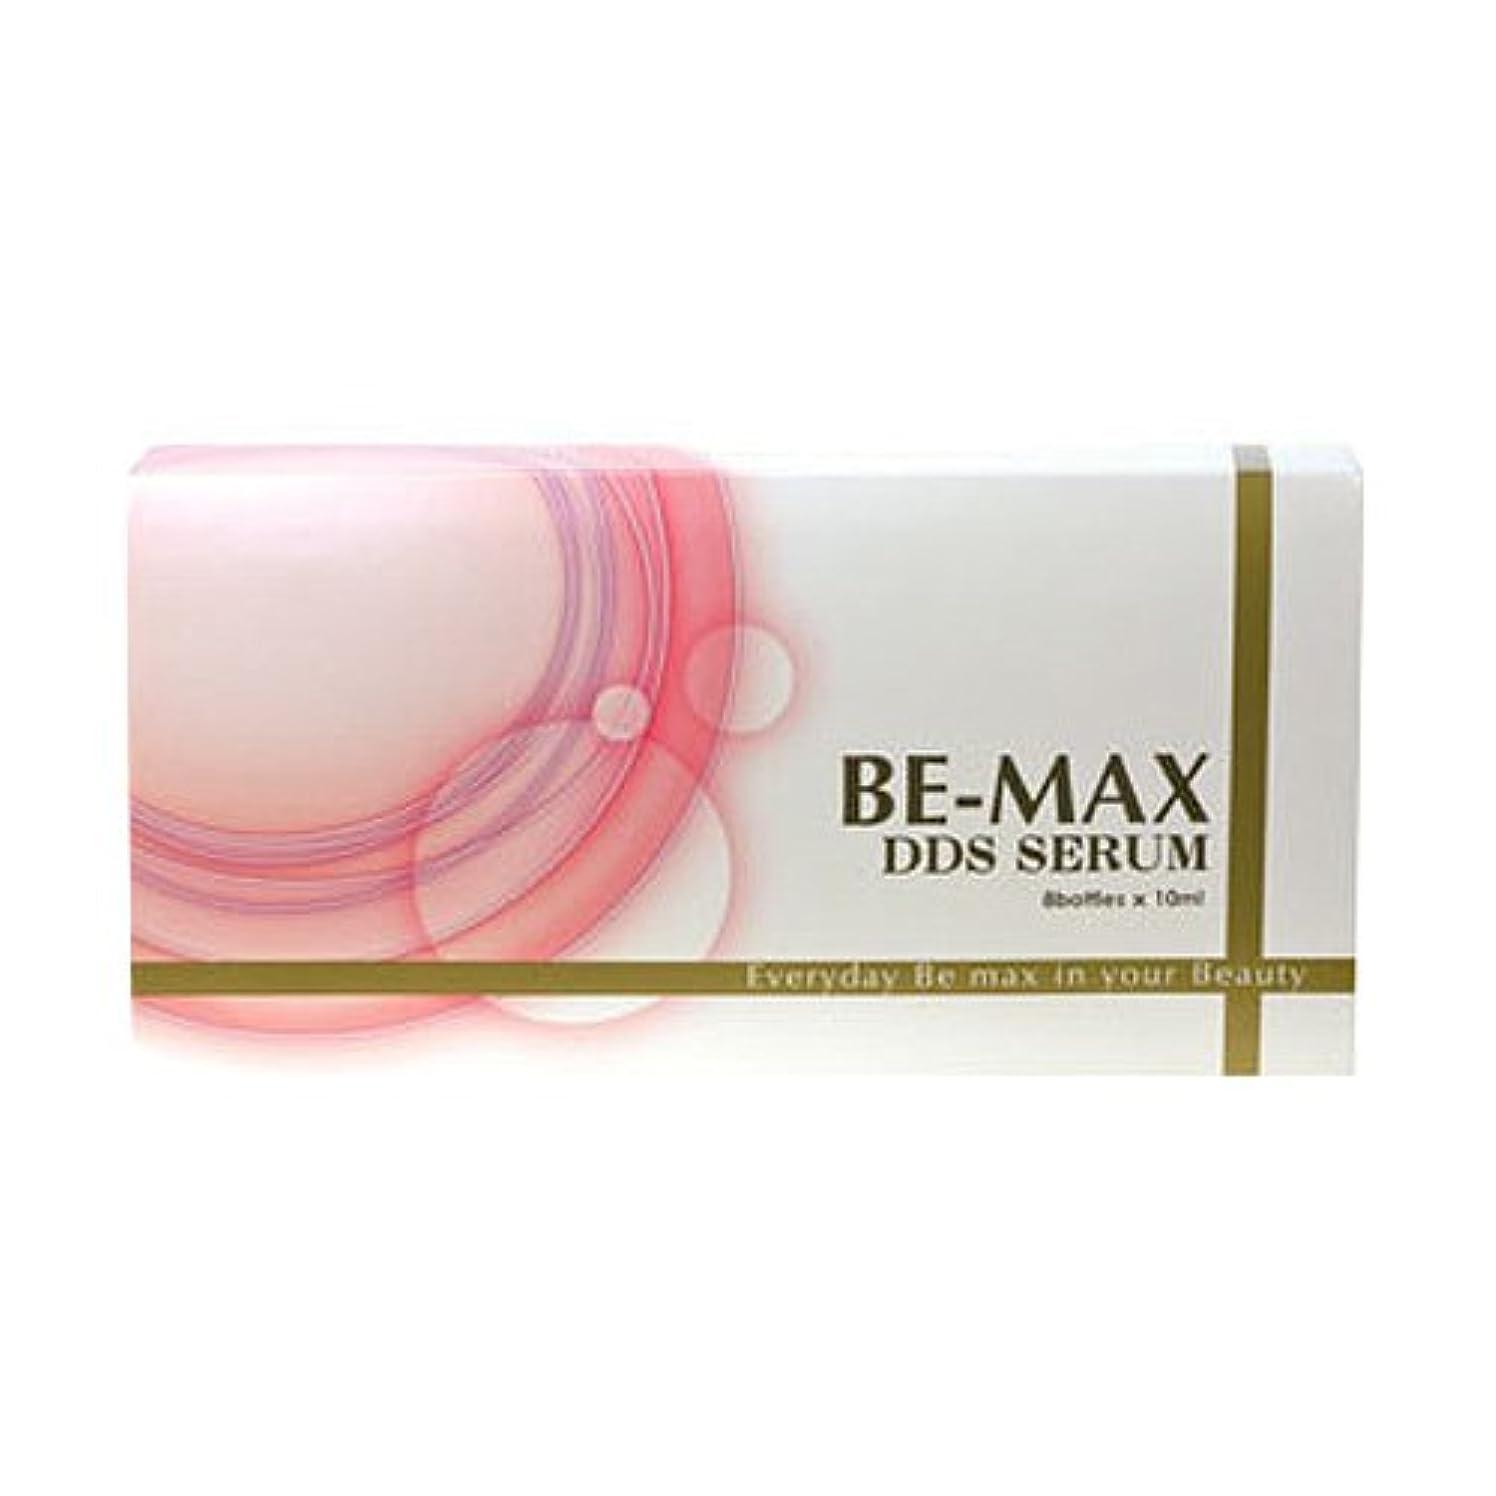 登場無知タイプビーマックス DDSセラム (10ml×8本) 美容液 BE-MAX DDS SERUM